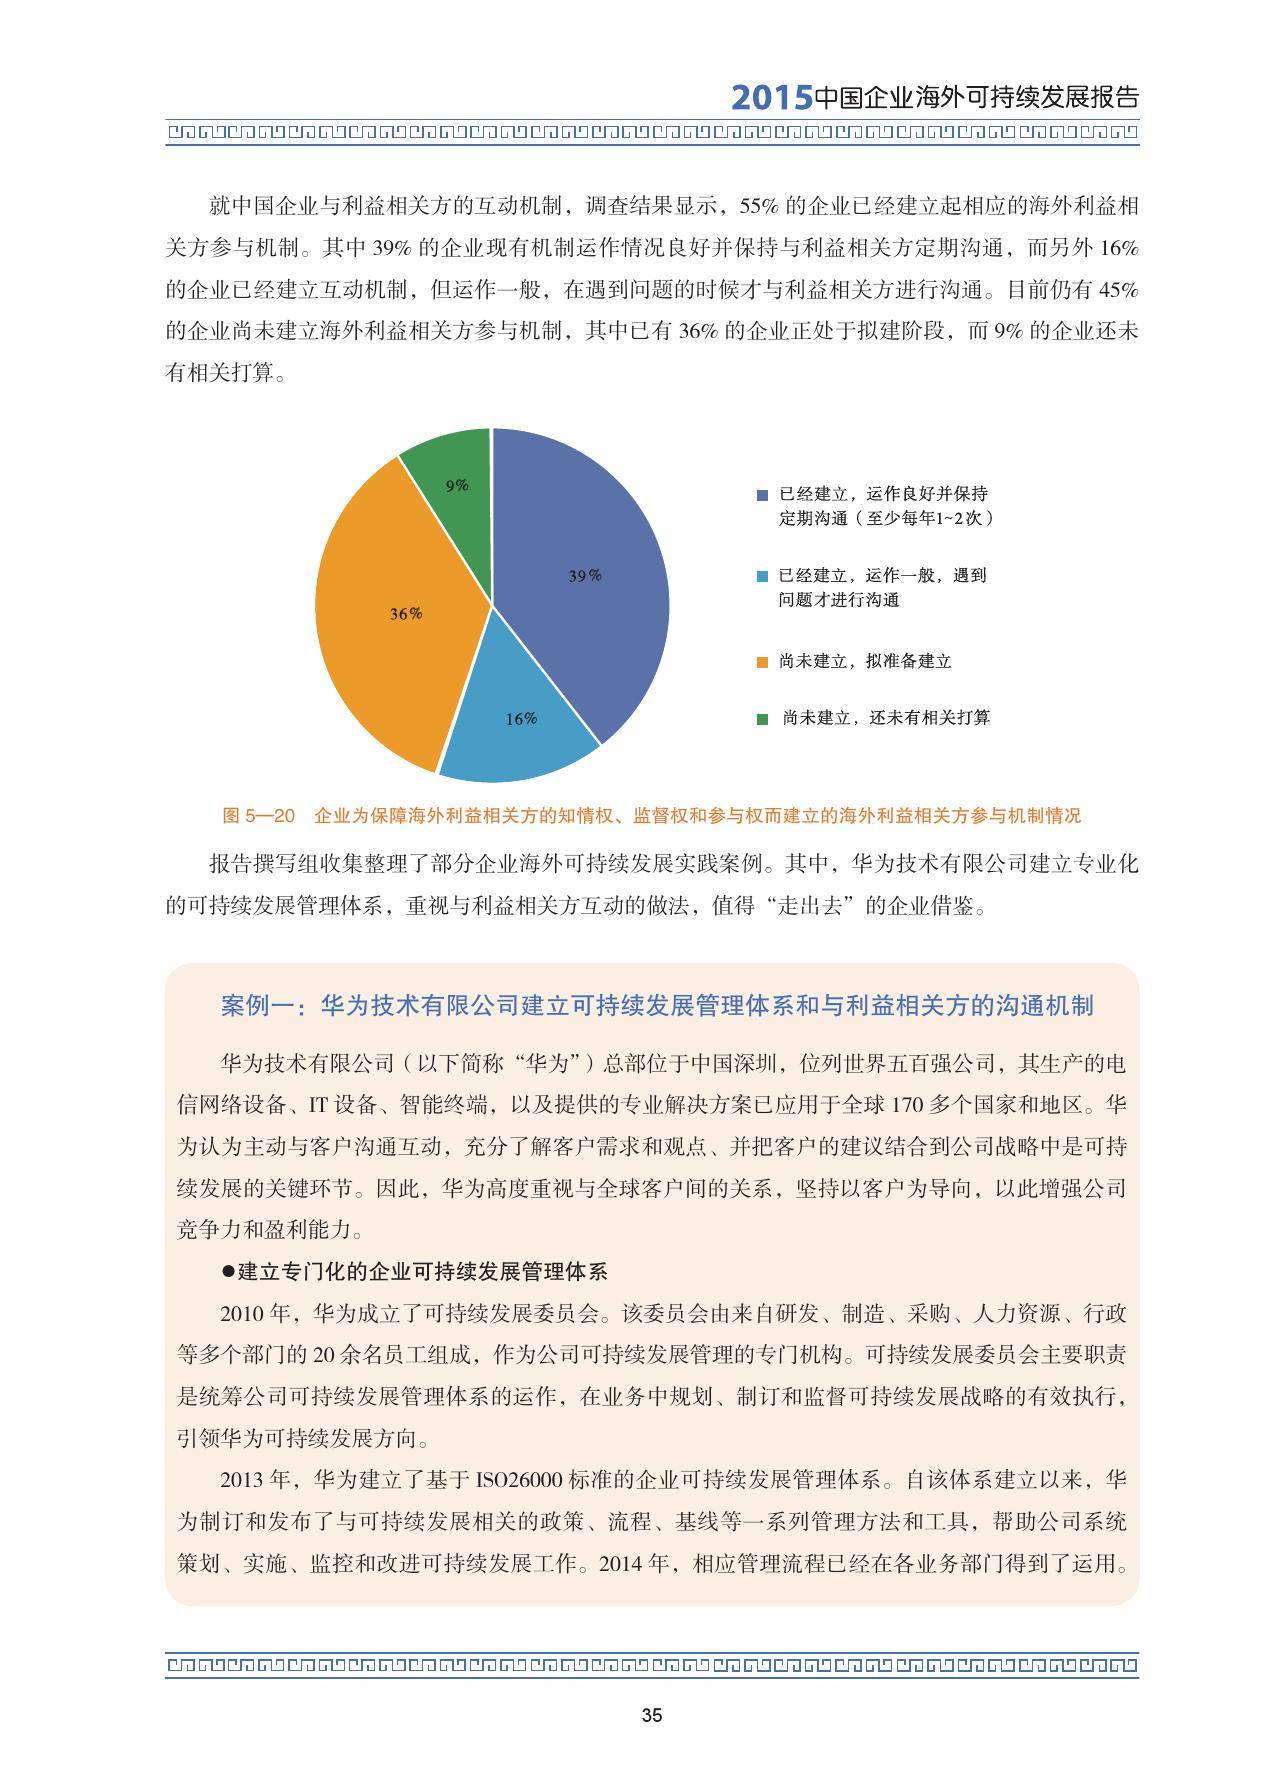 2015中国企业海外可持续发展报告_000049